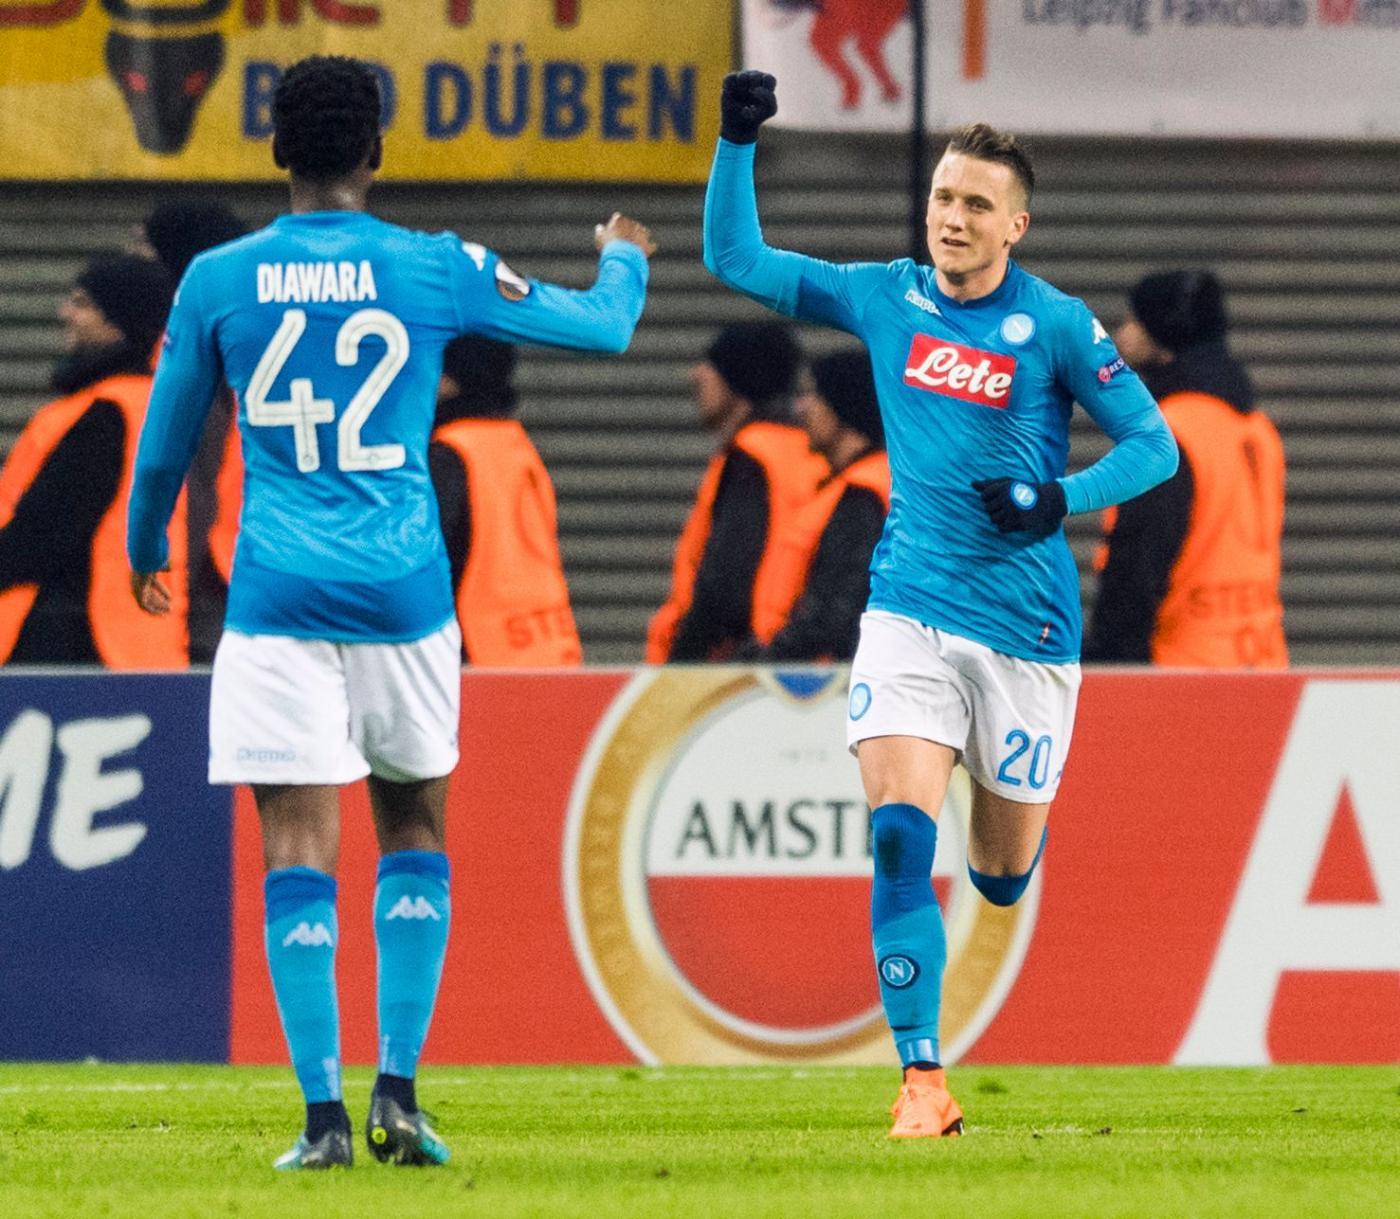 De Laurentiis applaude il Napoli con un tweet: